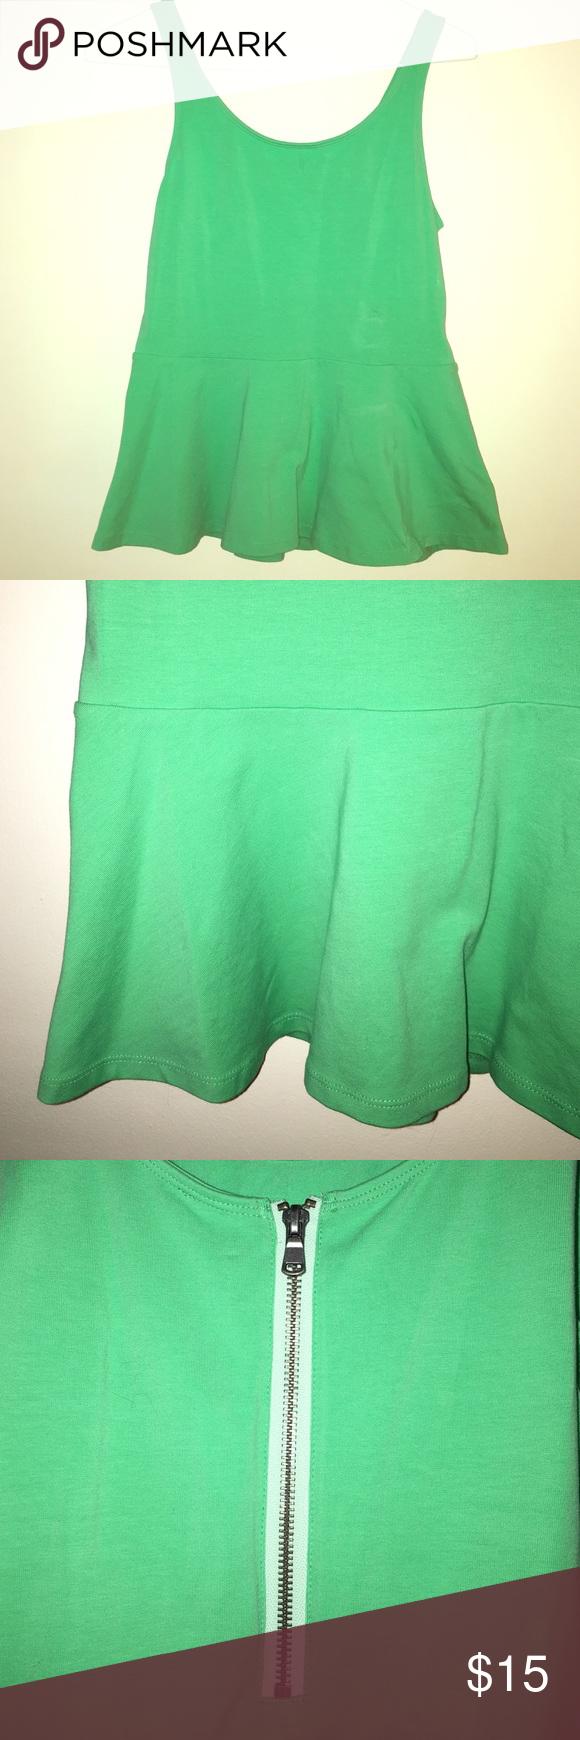 Green peplum top Green peplum top. Exposed silver zipper on back. Express Tops Tank Tops